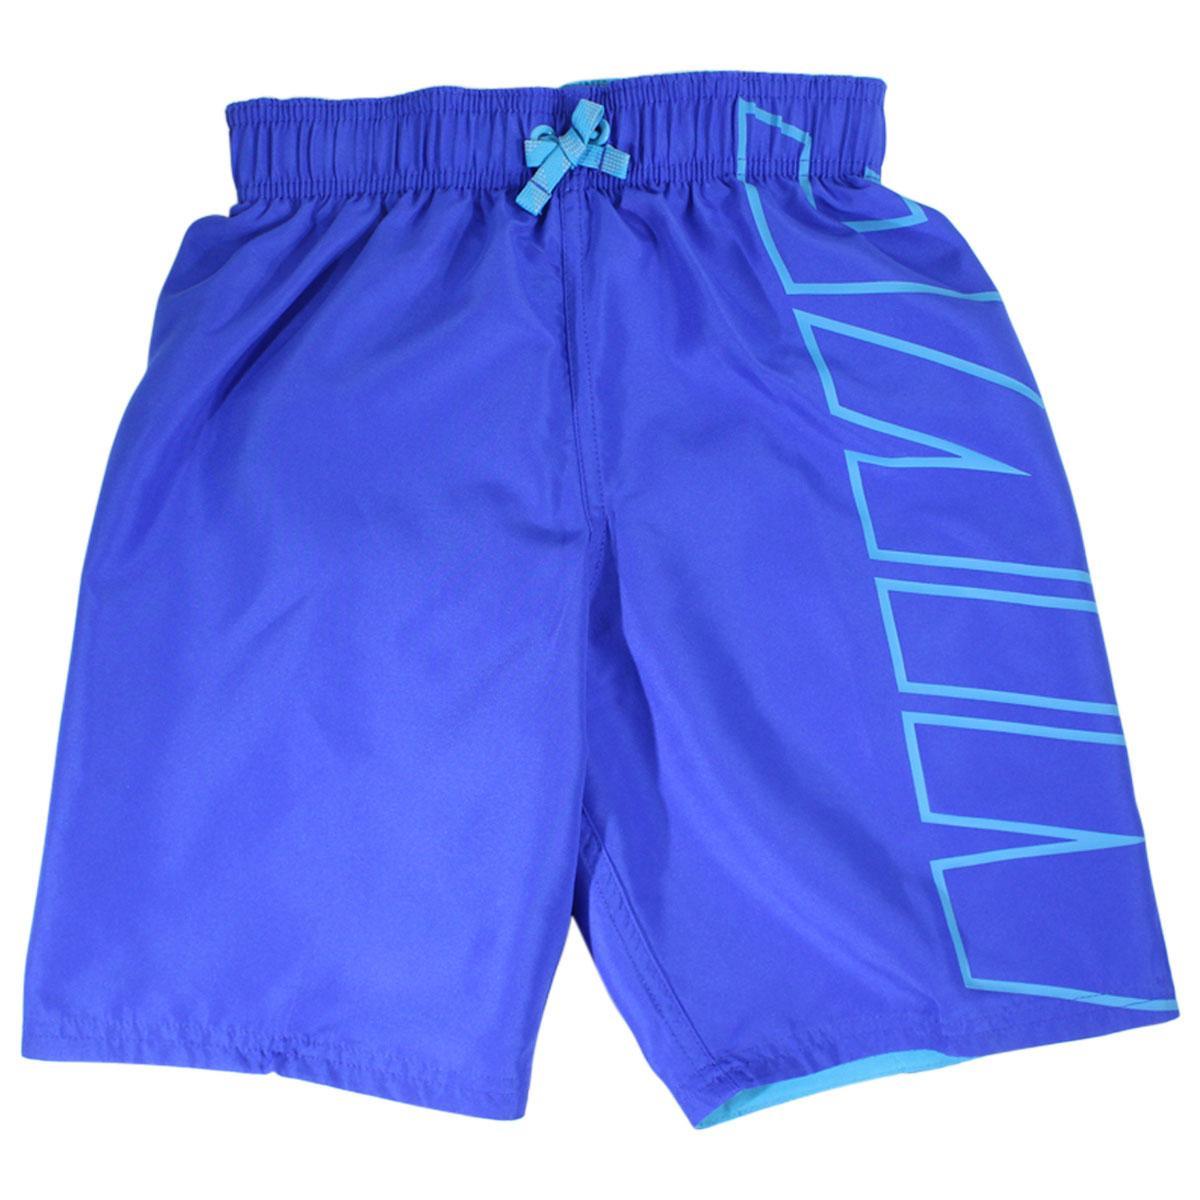 Nike Big Boy's Logo Breaker 8-Inch Trunks Swimwear